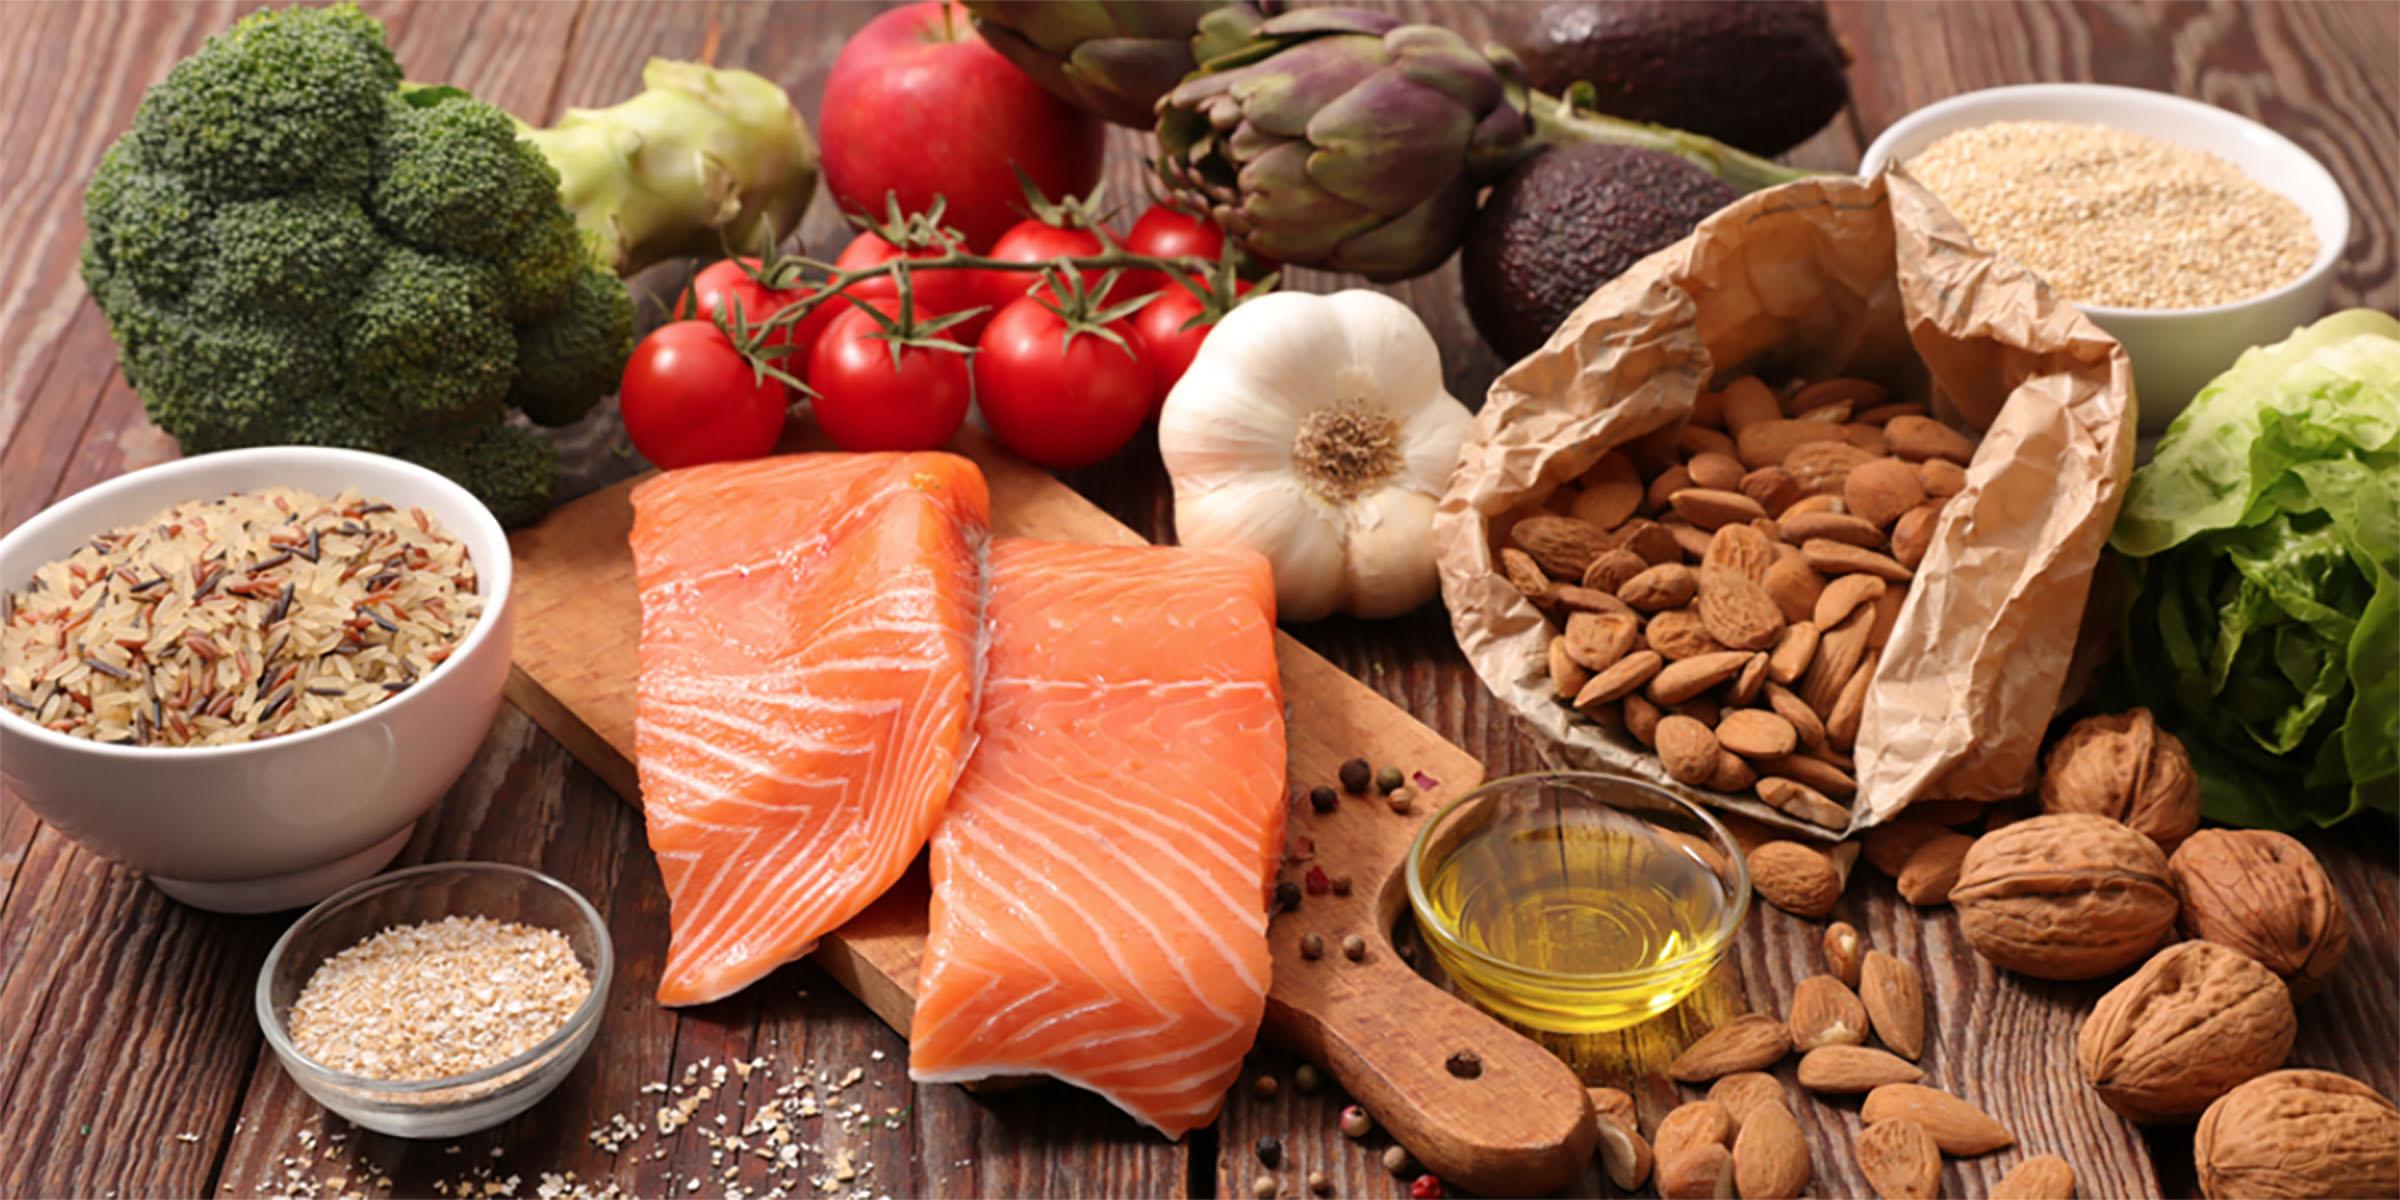 EQUILIBRIO A TAVOLA - L'alimentazione #glutenfree non è, come alcuni tendono a credere, una limitazione.